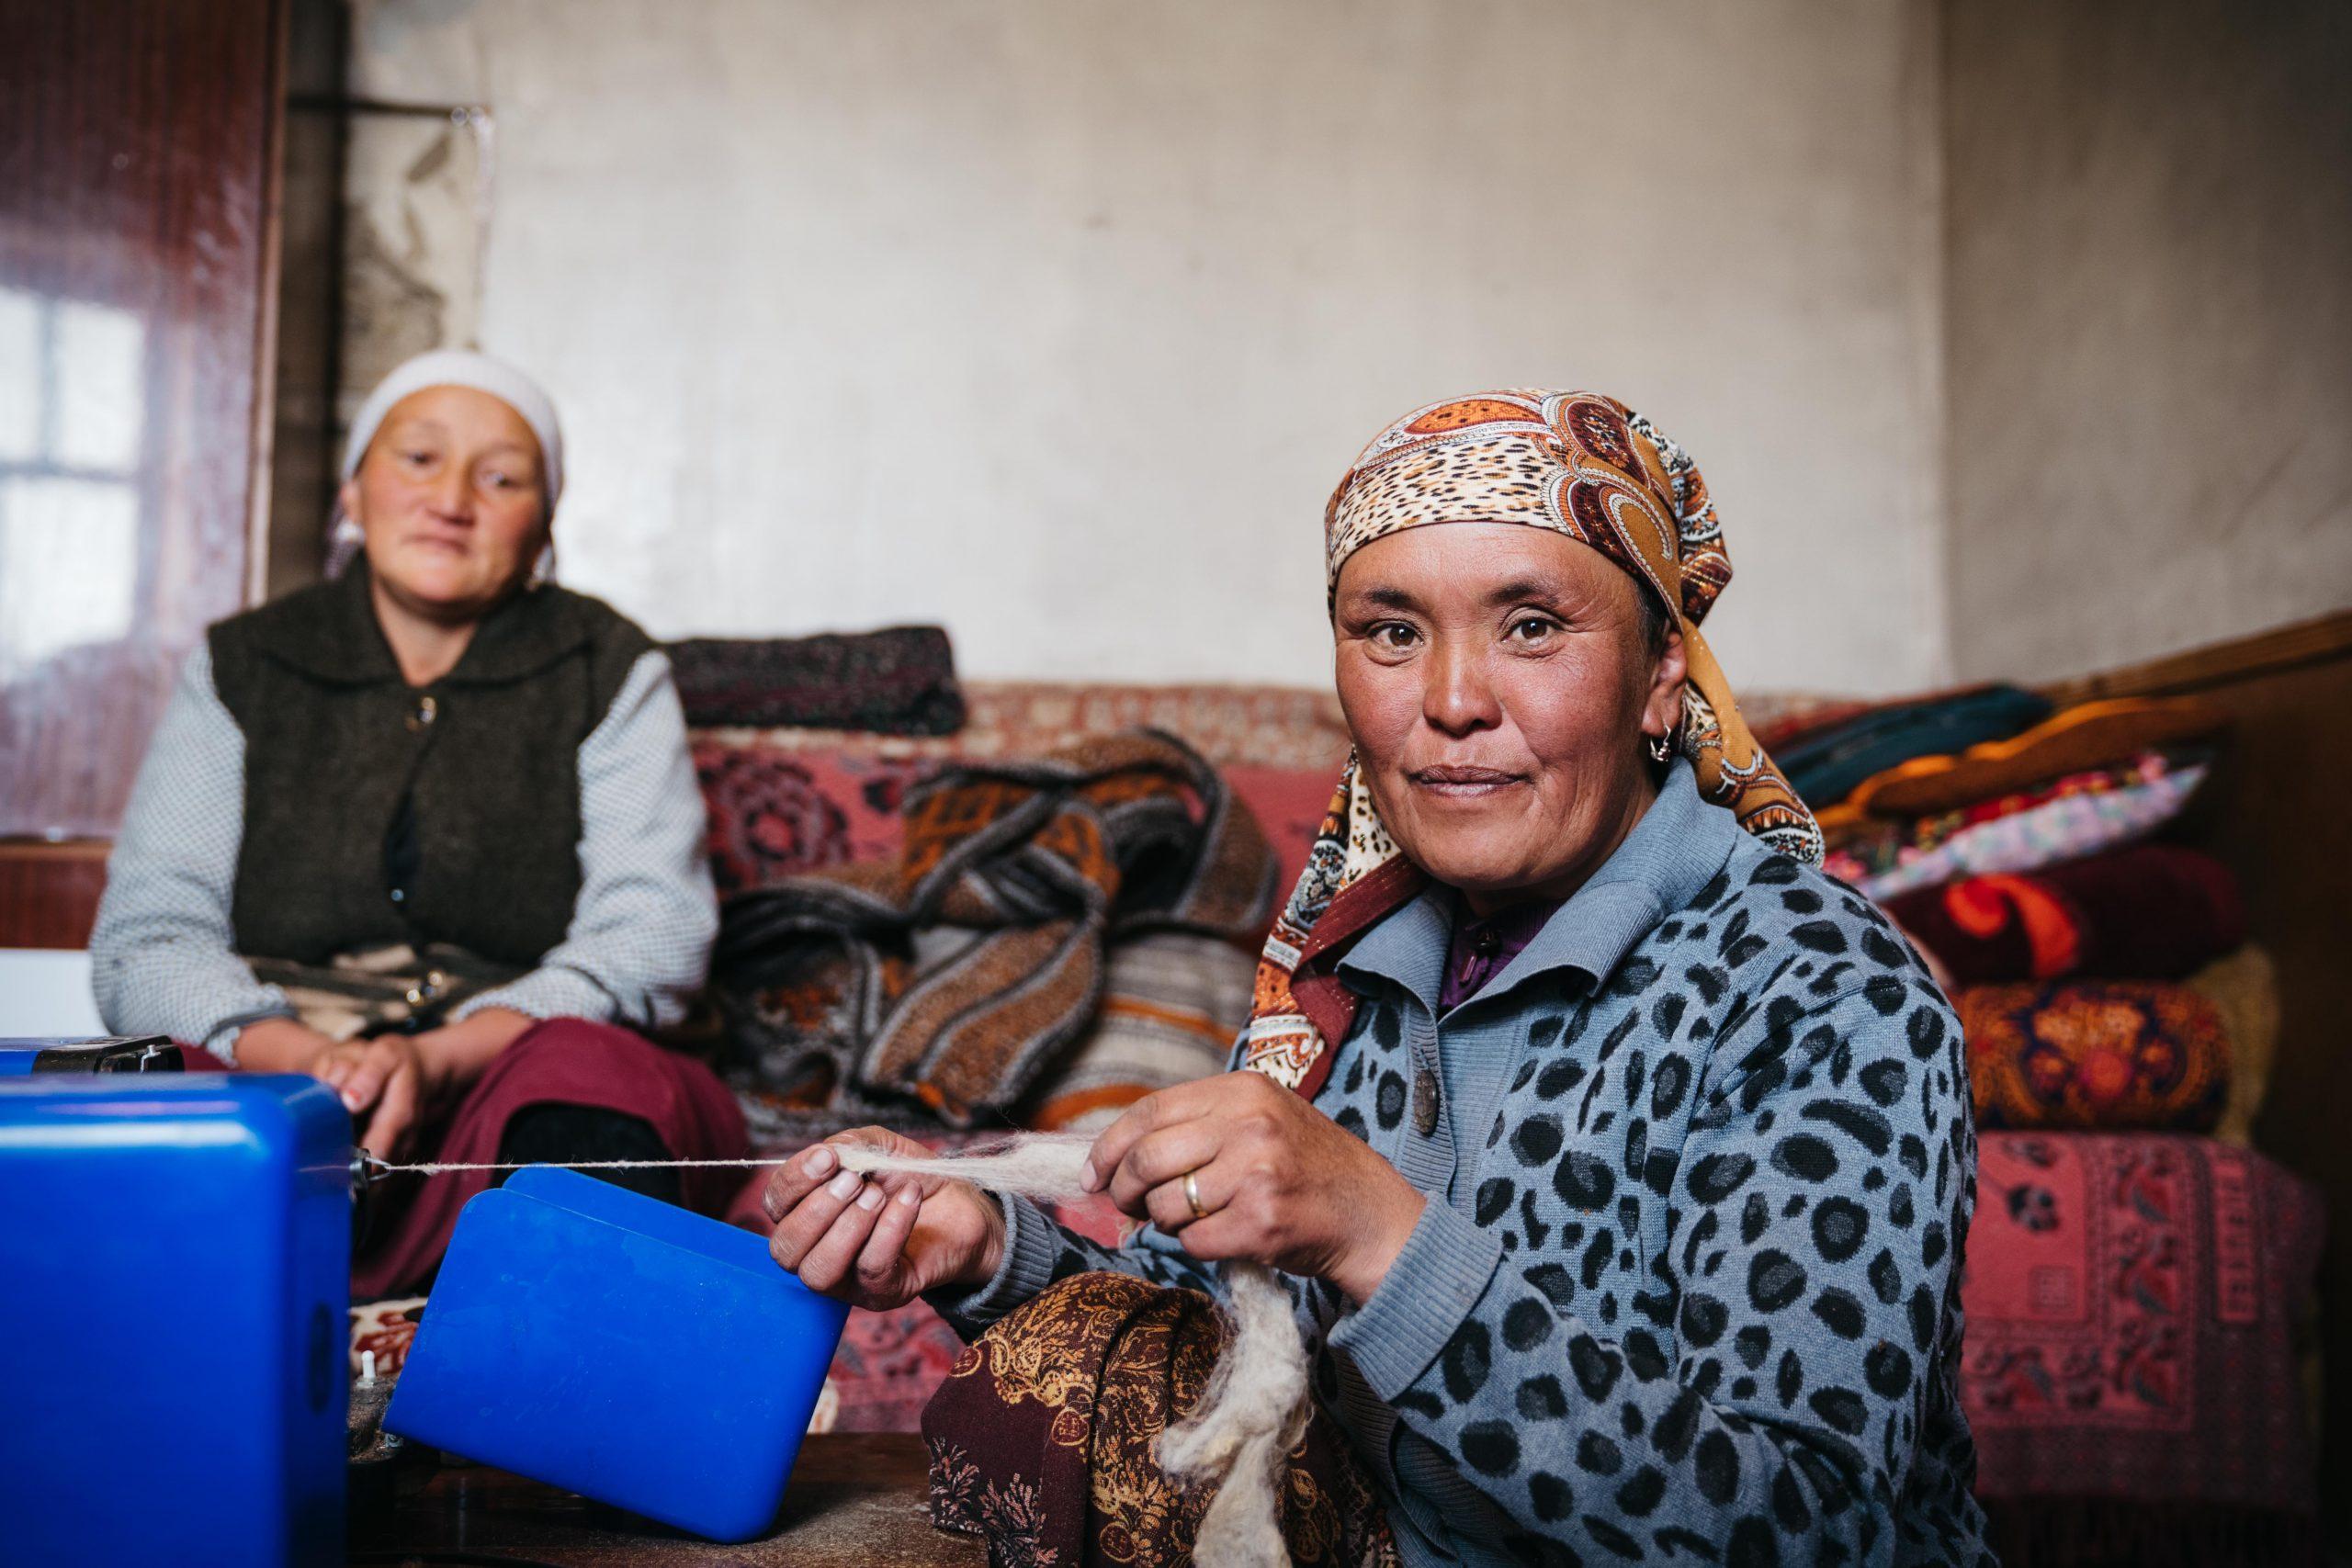 An artisan in Tajikistan.